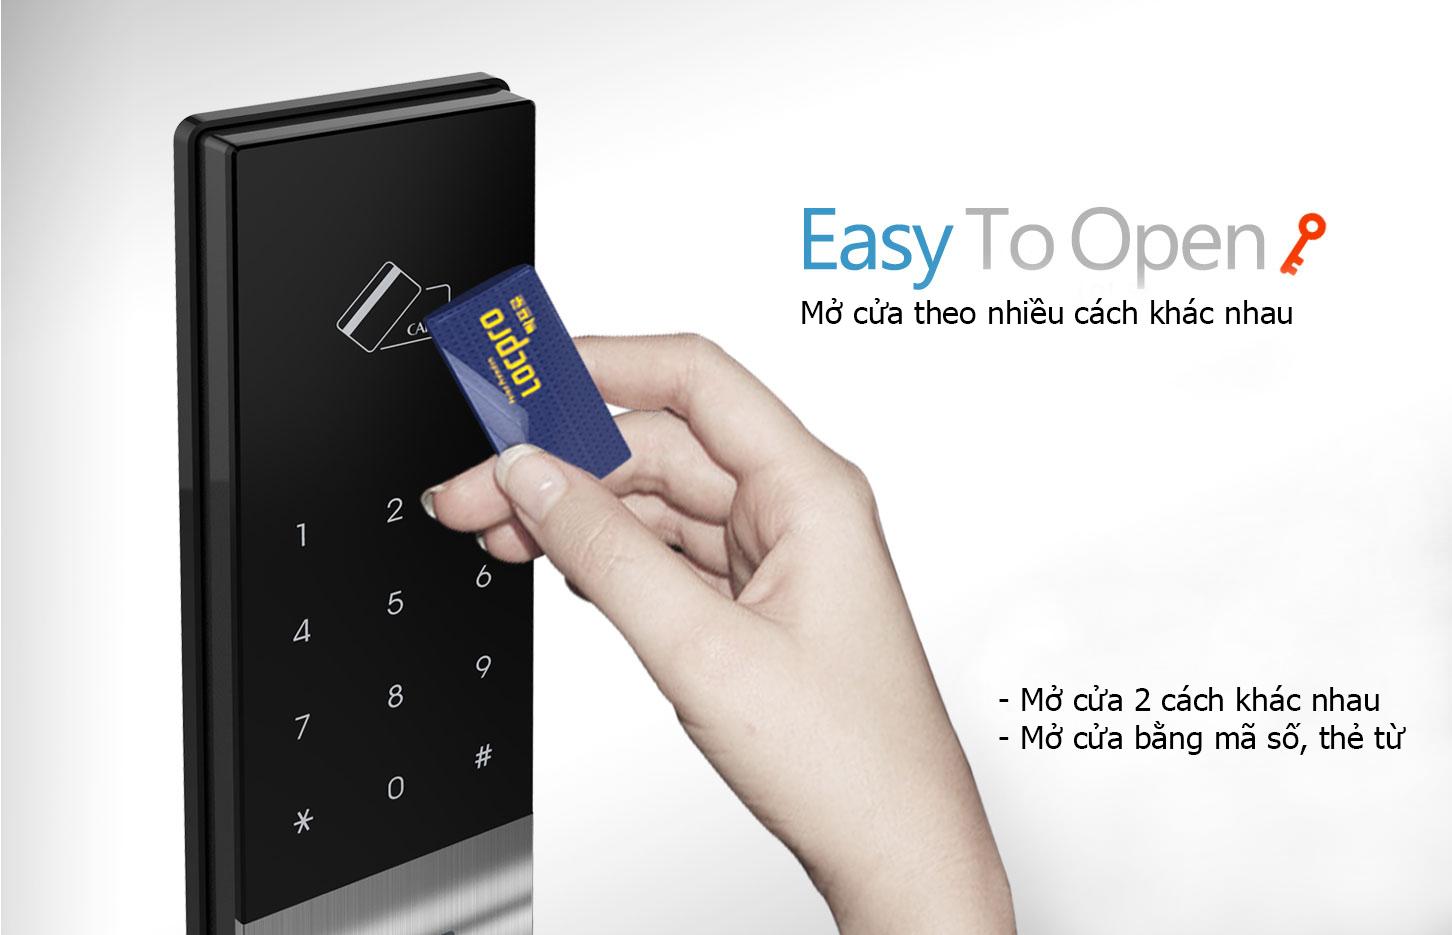 Khóa cửa sử dụng thẻ từ có an toàn không?